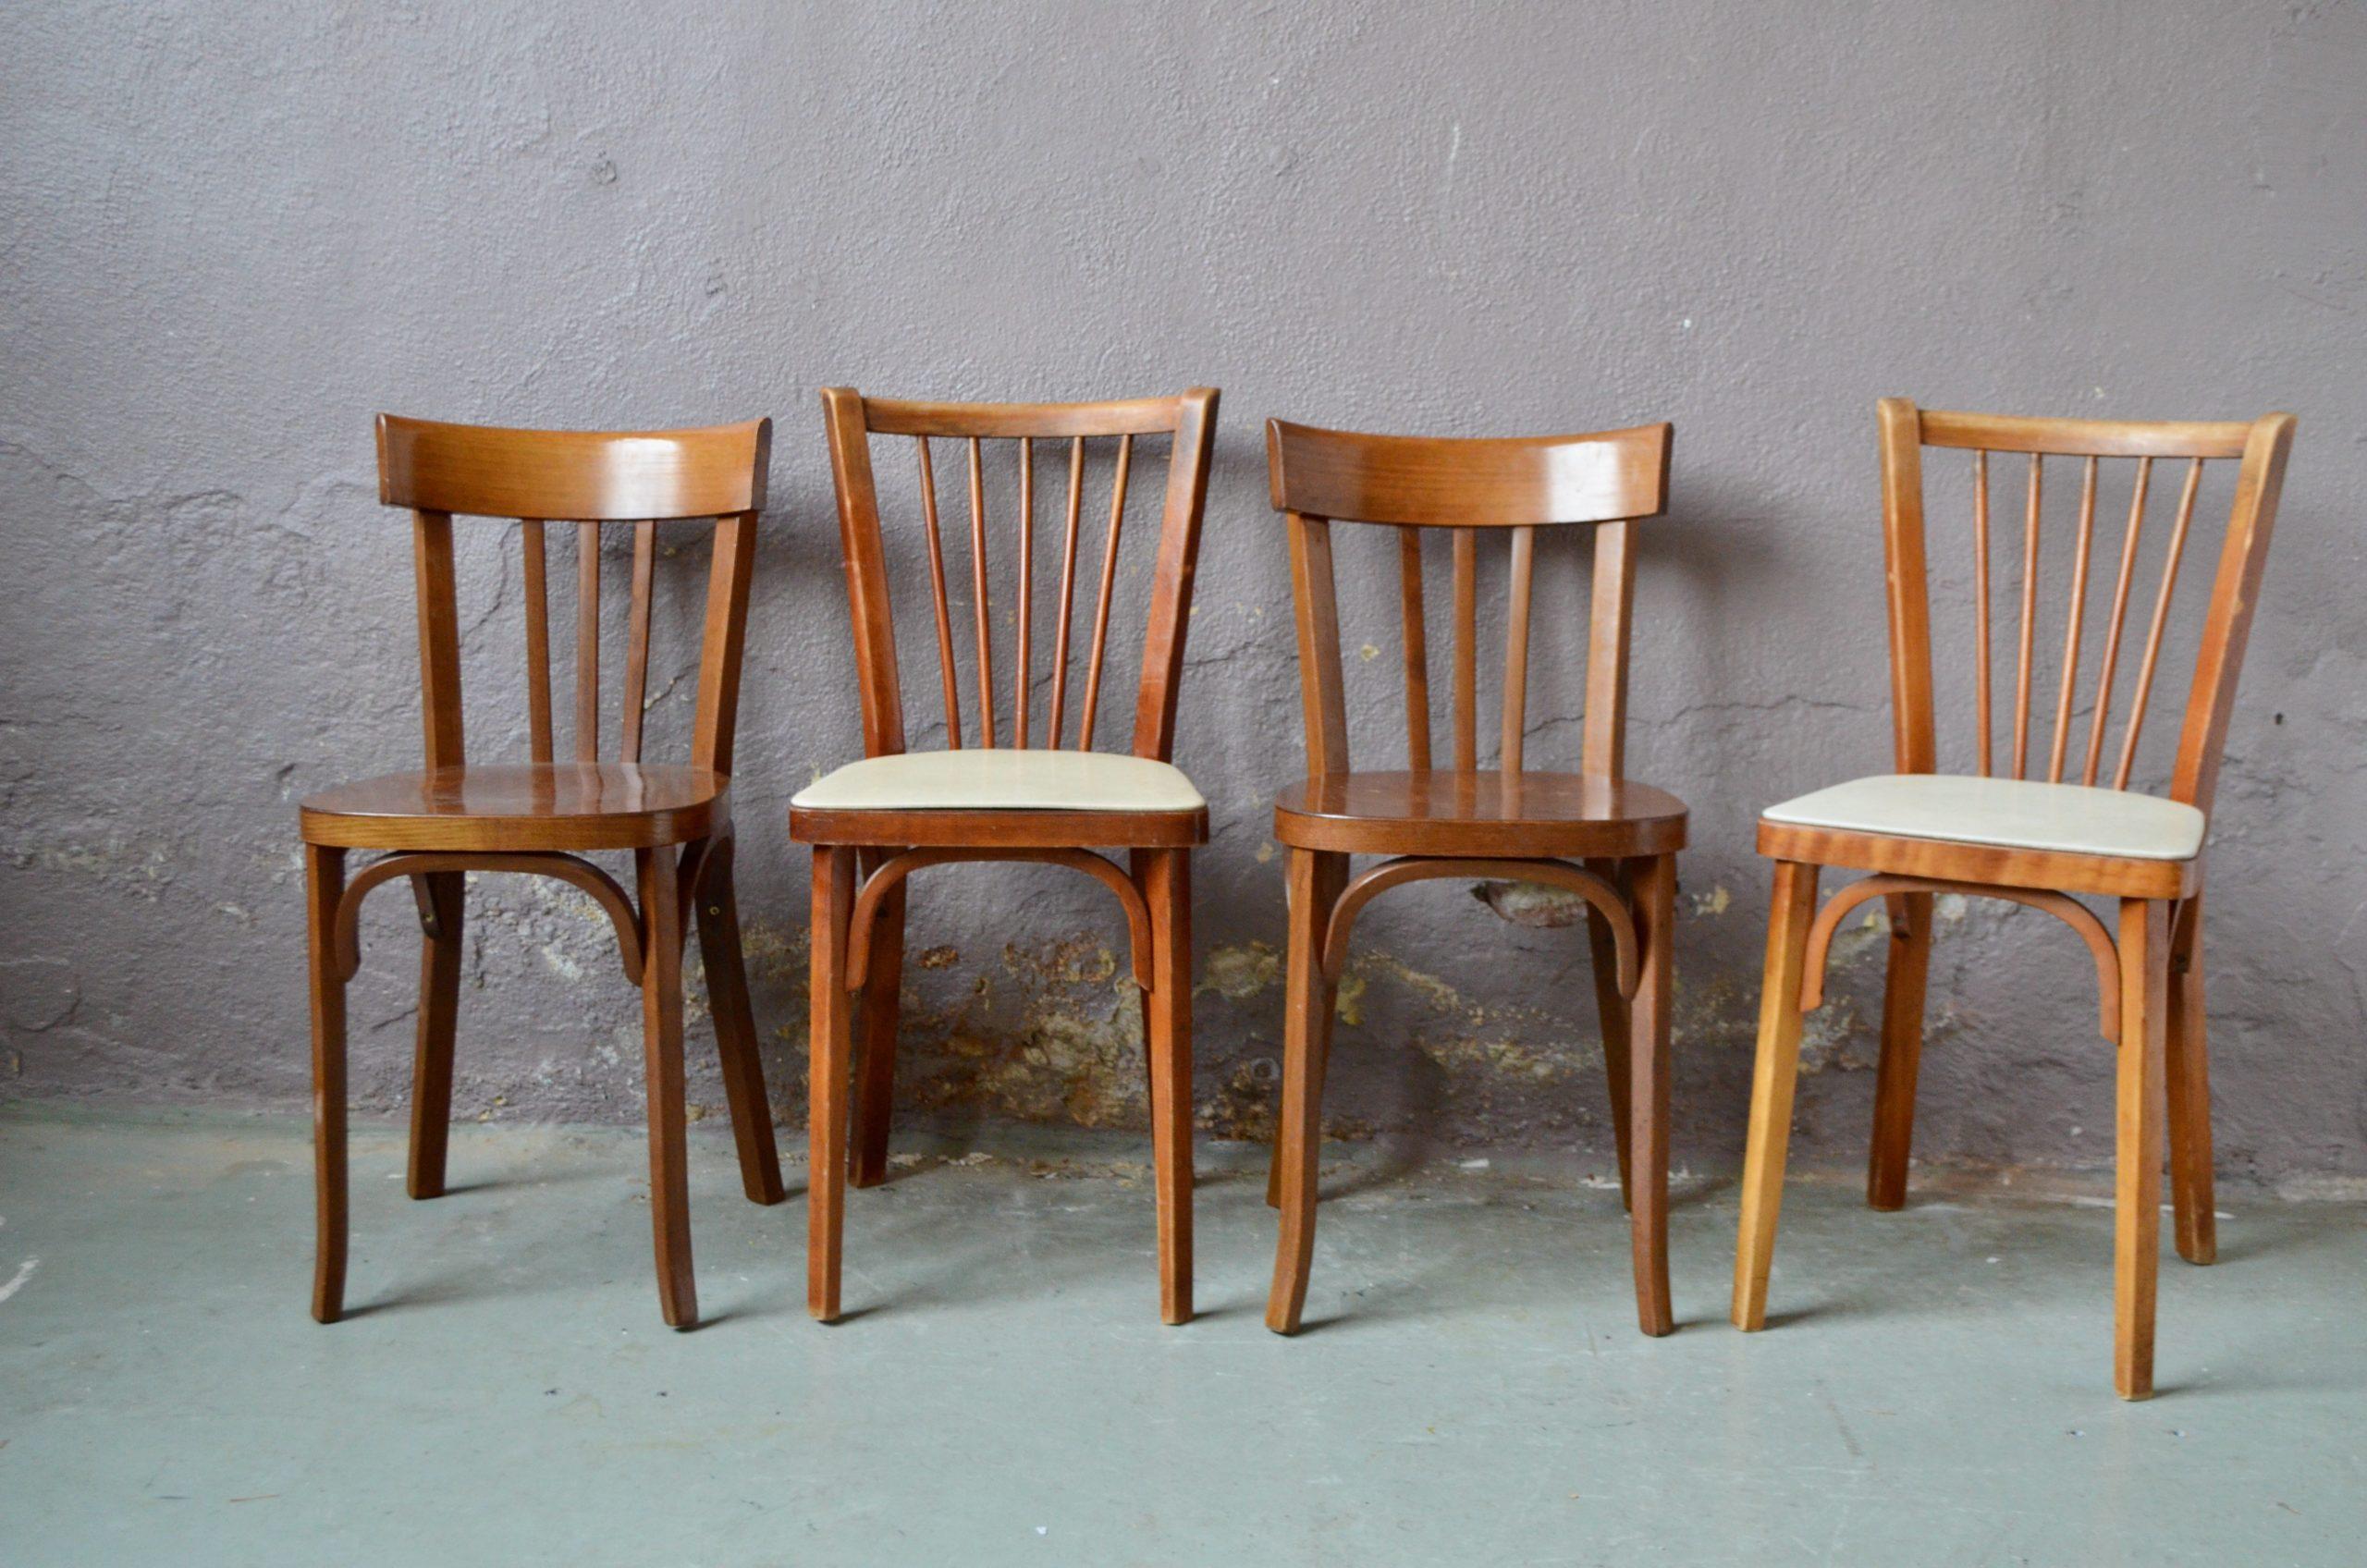 Série de chaises années 60 skaï bistrot Baumann pop mix and match cuisine restaurant années 60 french chairs